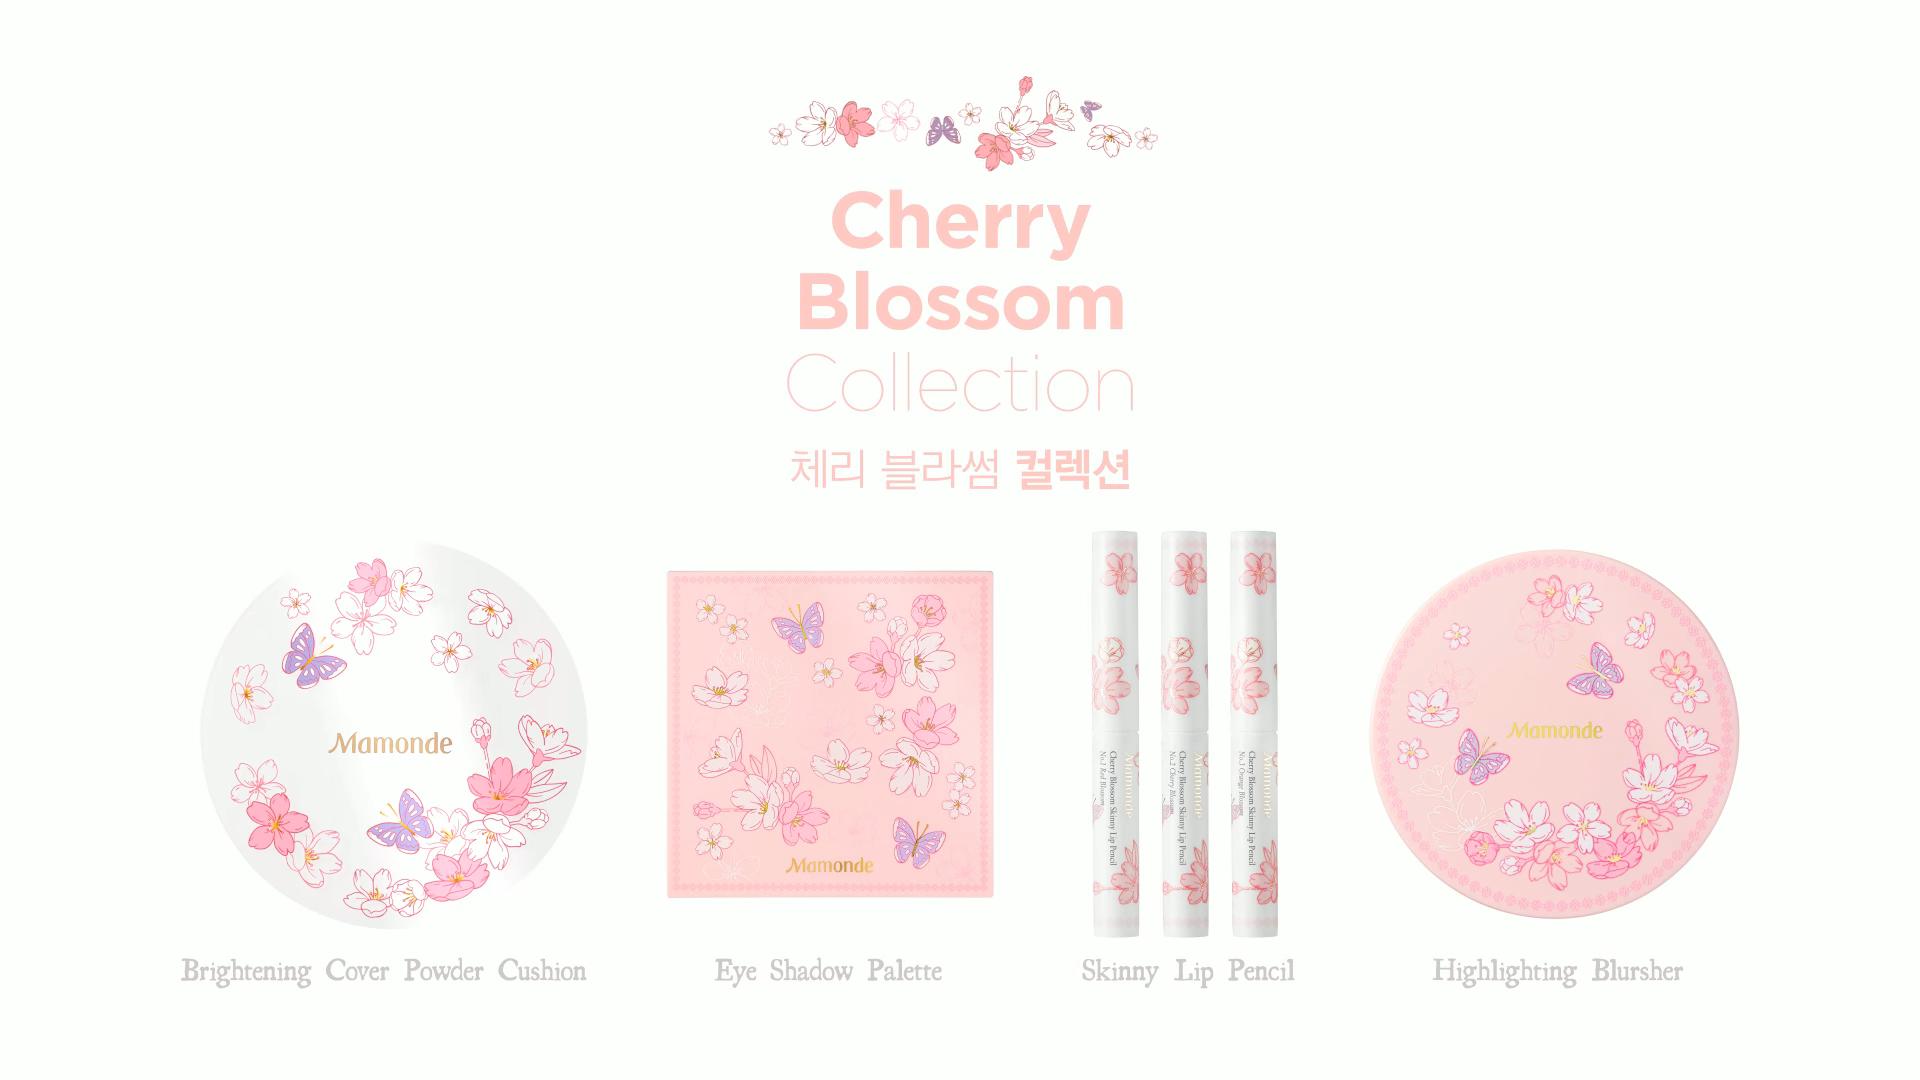 �ล�าร���หารู��า�สำหรั� mamonde cherry blossom highlighting blush